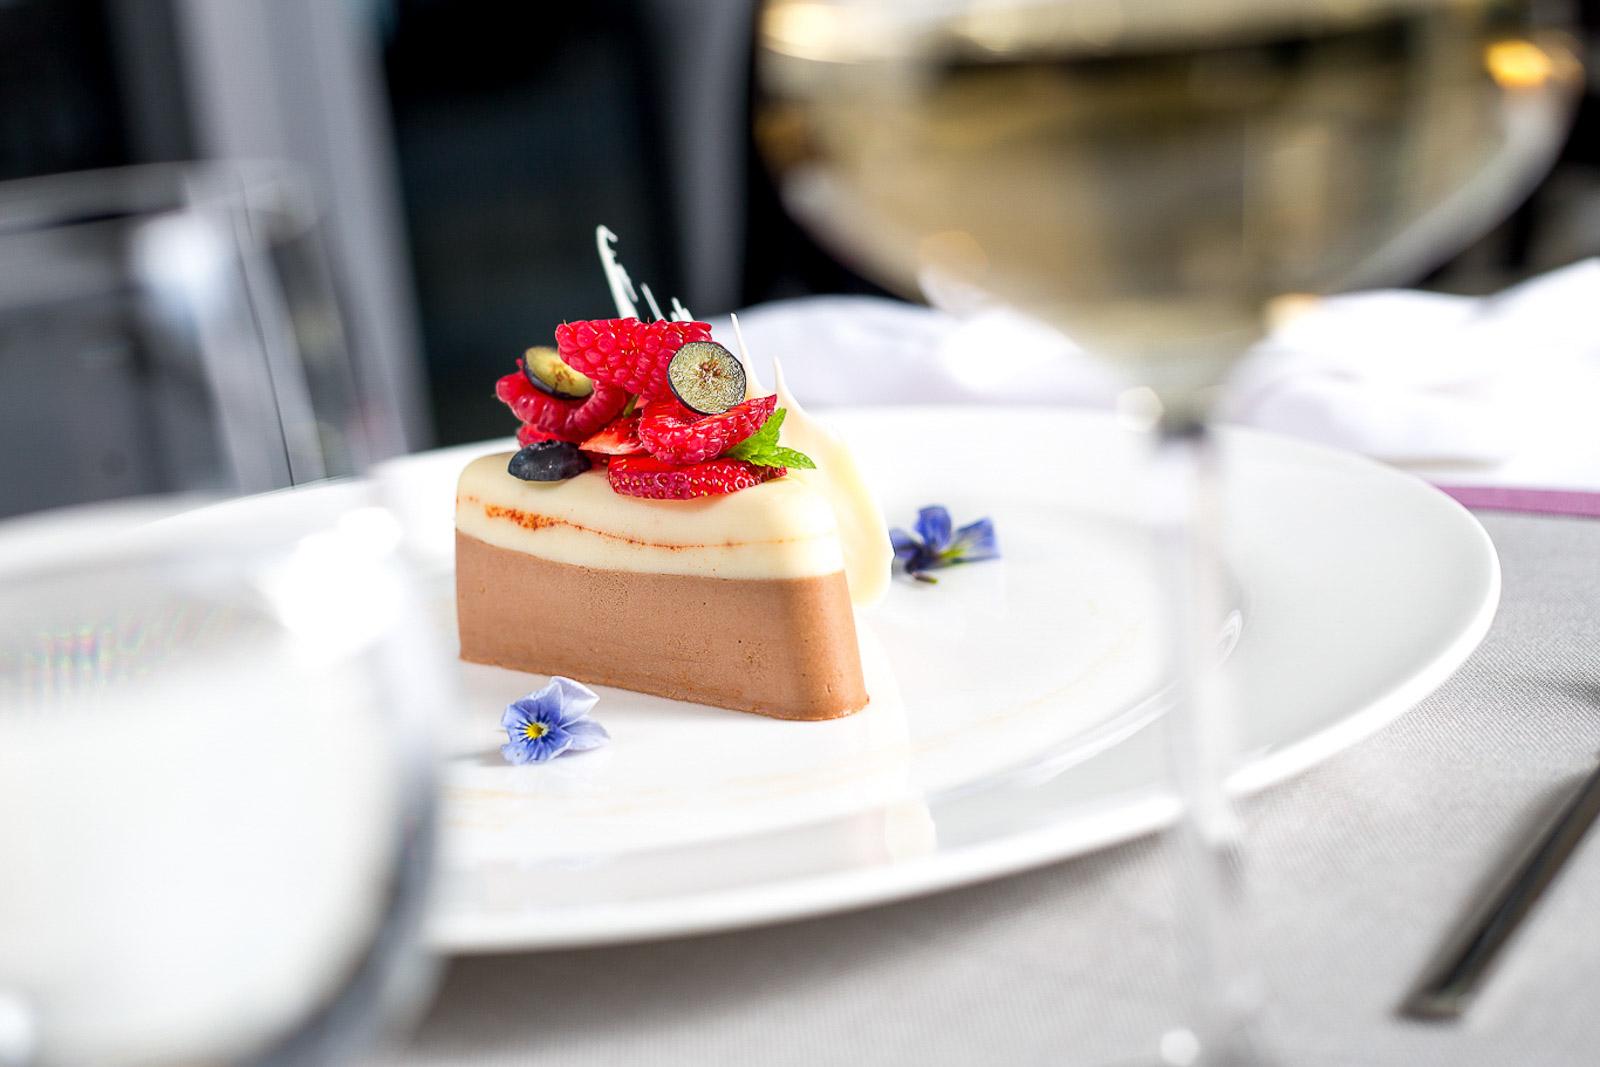 Sand Hotel-Restauracja Sandacz - czekoladowy sernik na zimno z musem z rokitnika